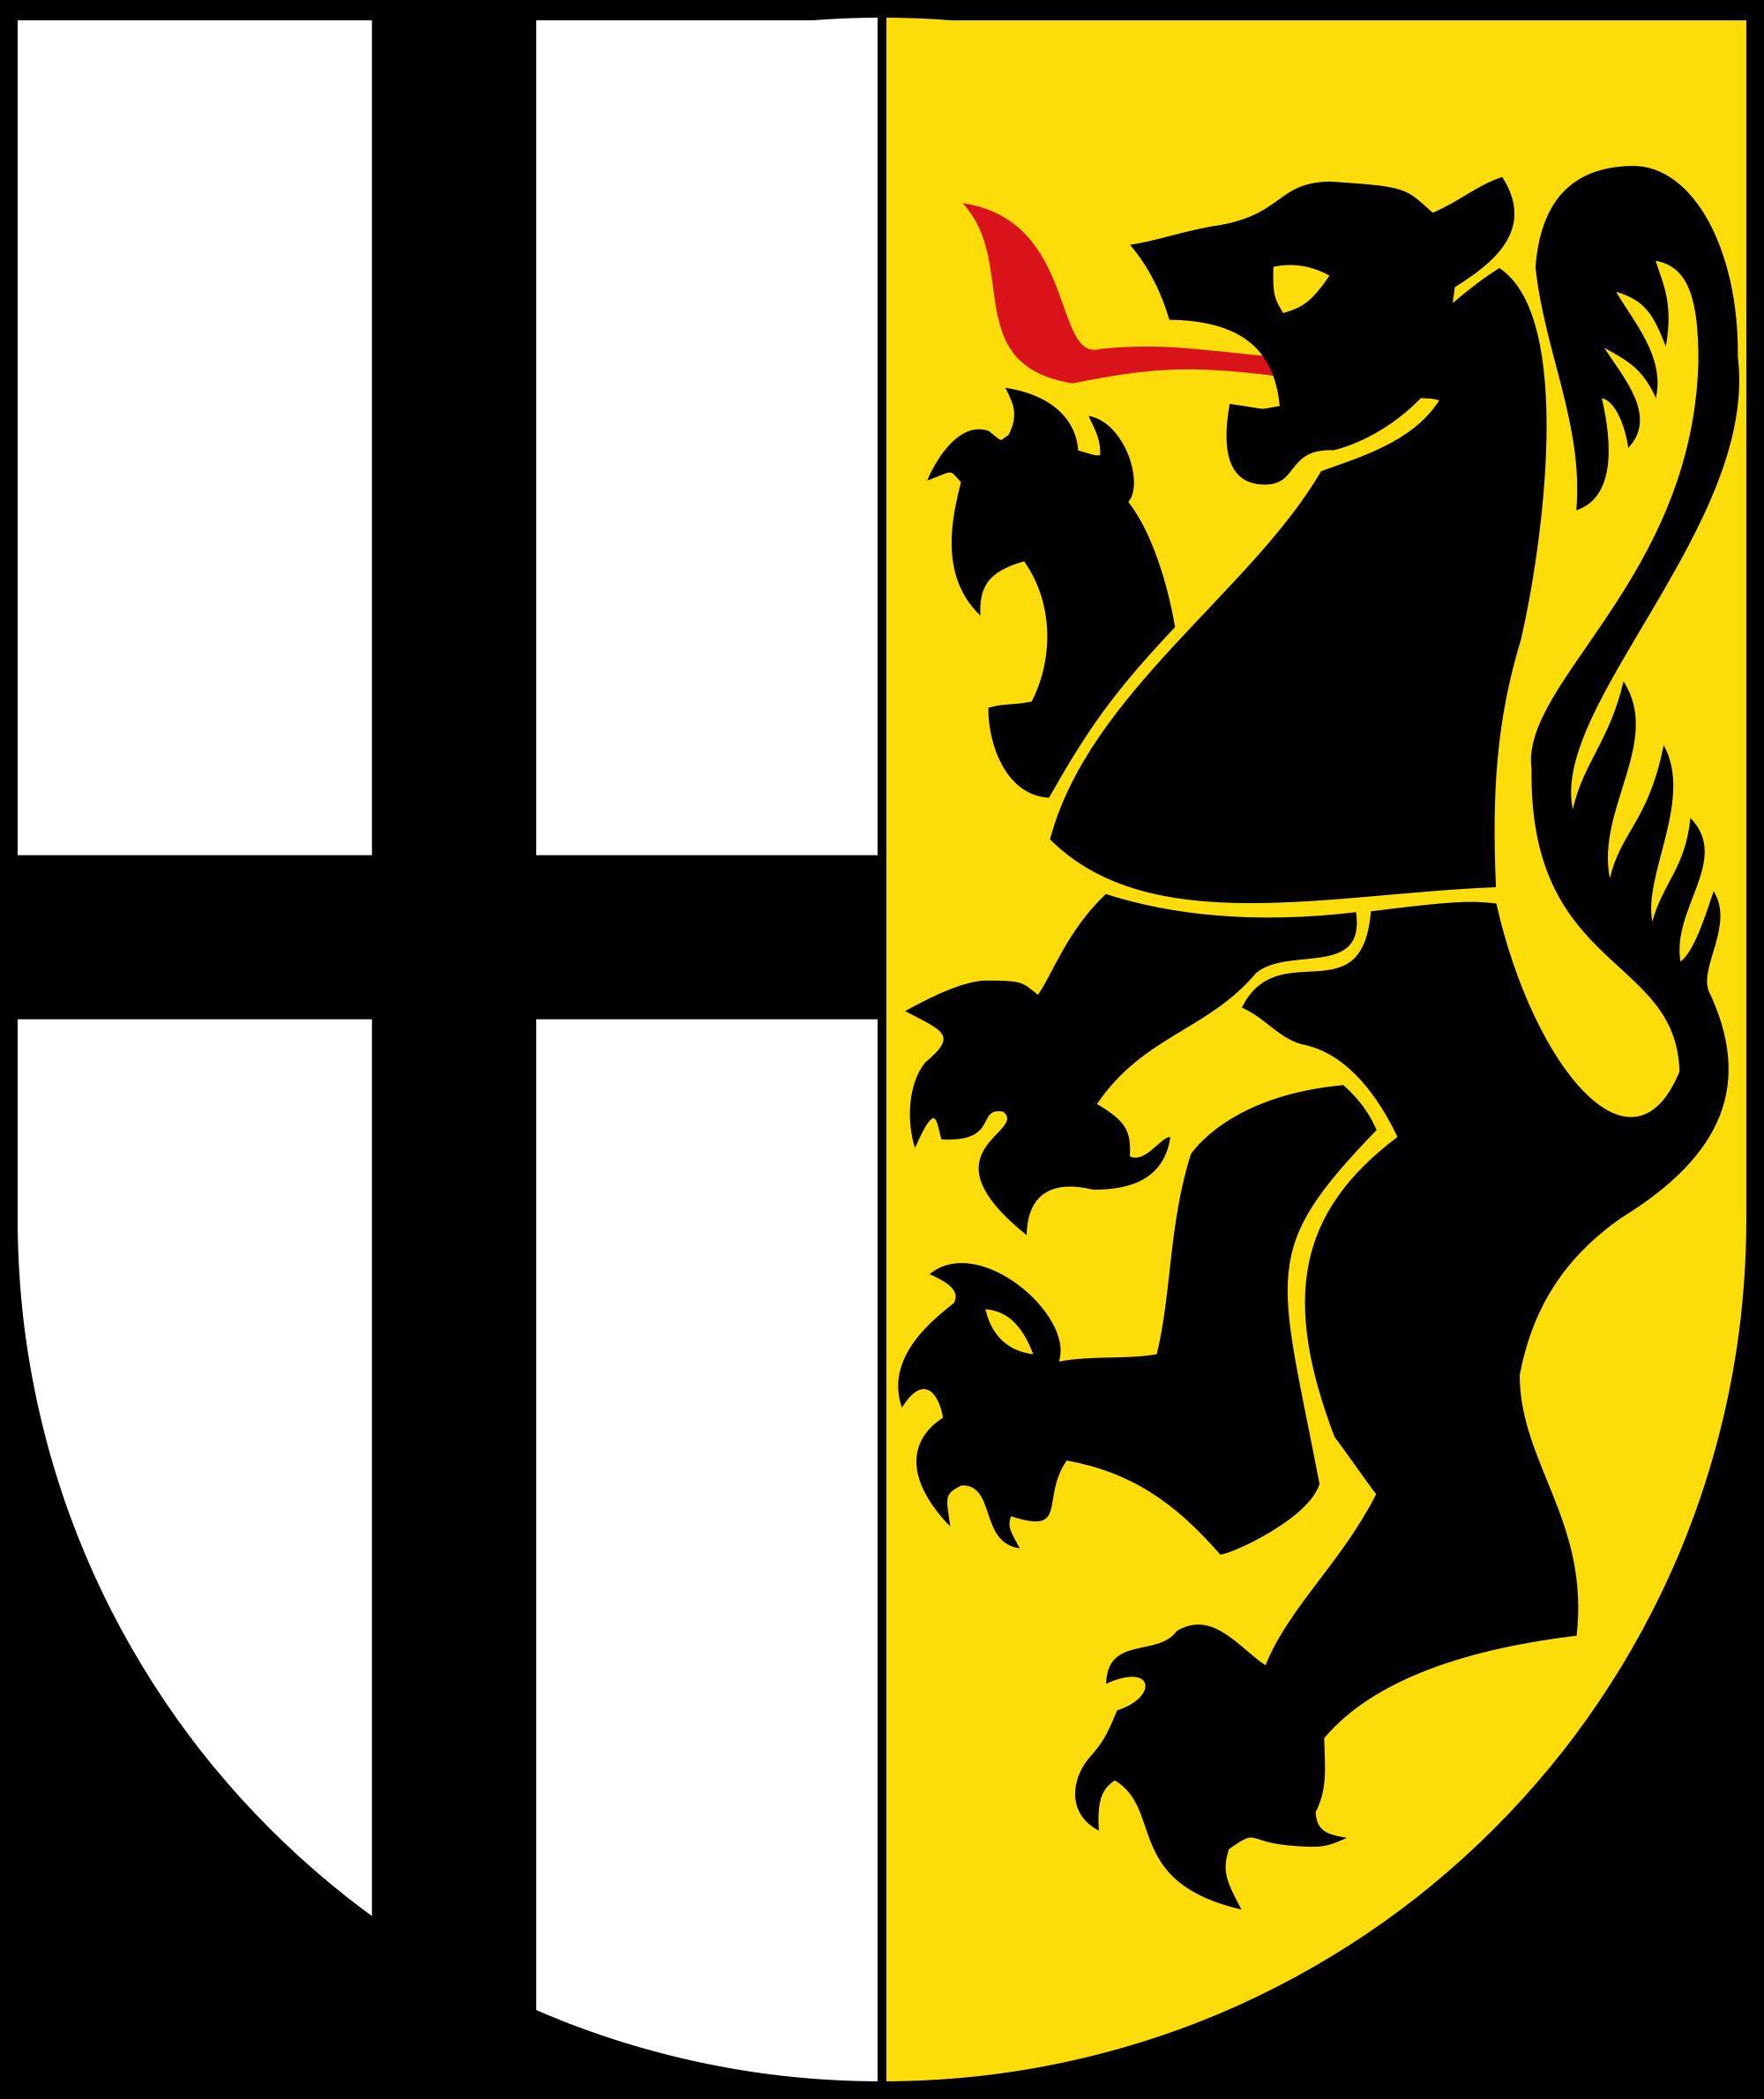 File:Kreiswappen des Rhein.